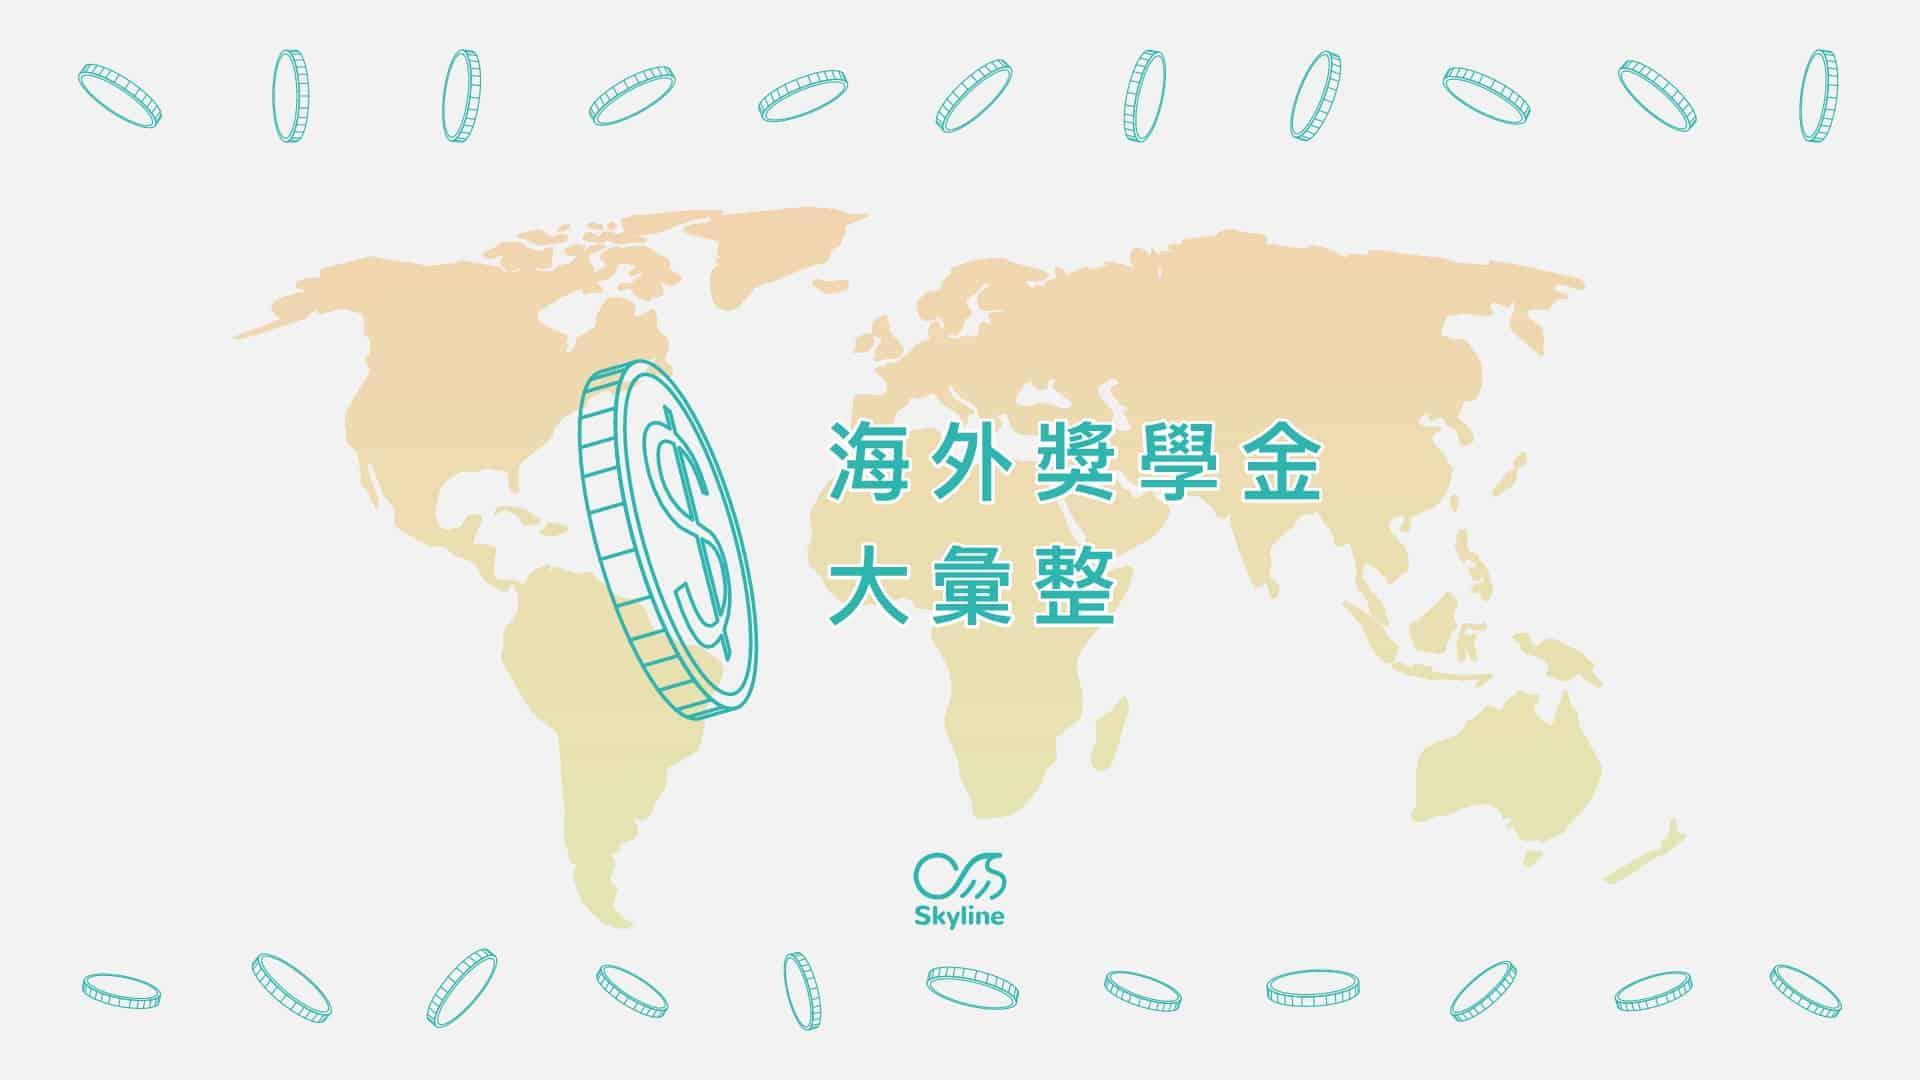 【懶人包系列】Skyline海外獎學金大彙整 帶你全球走透透